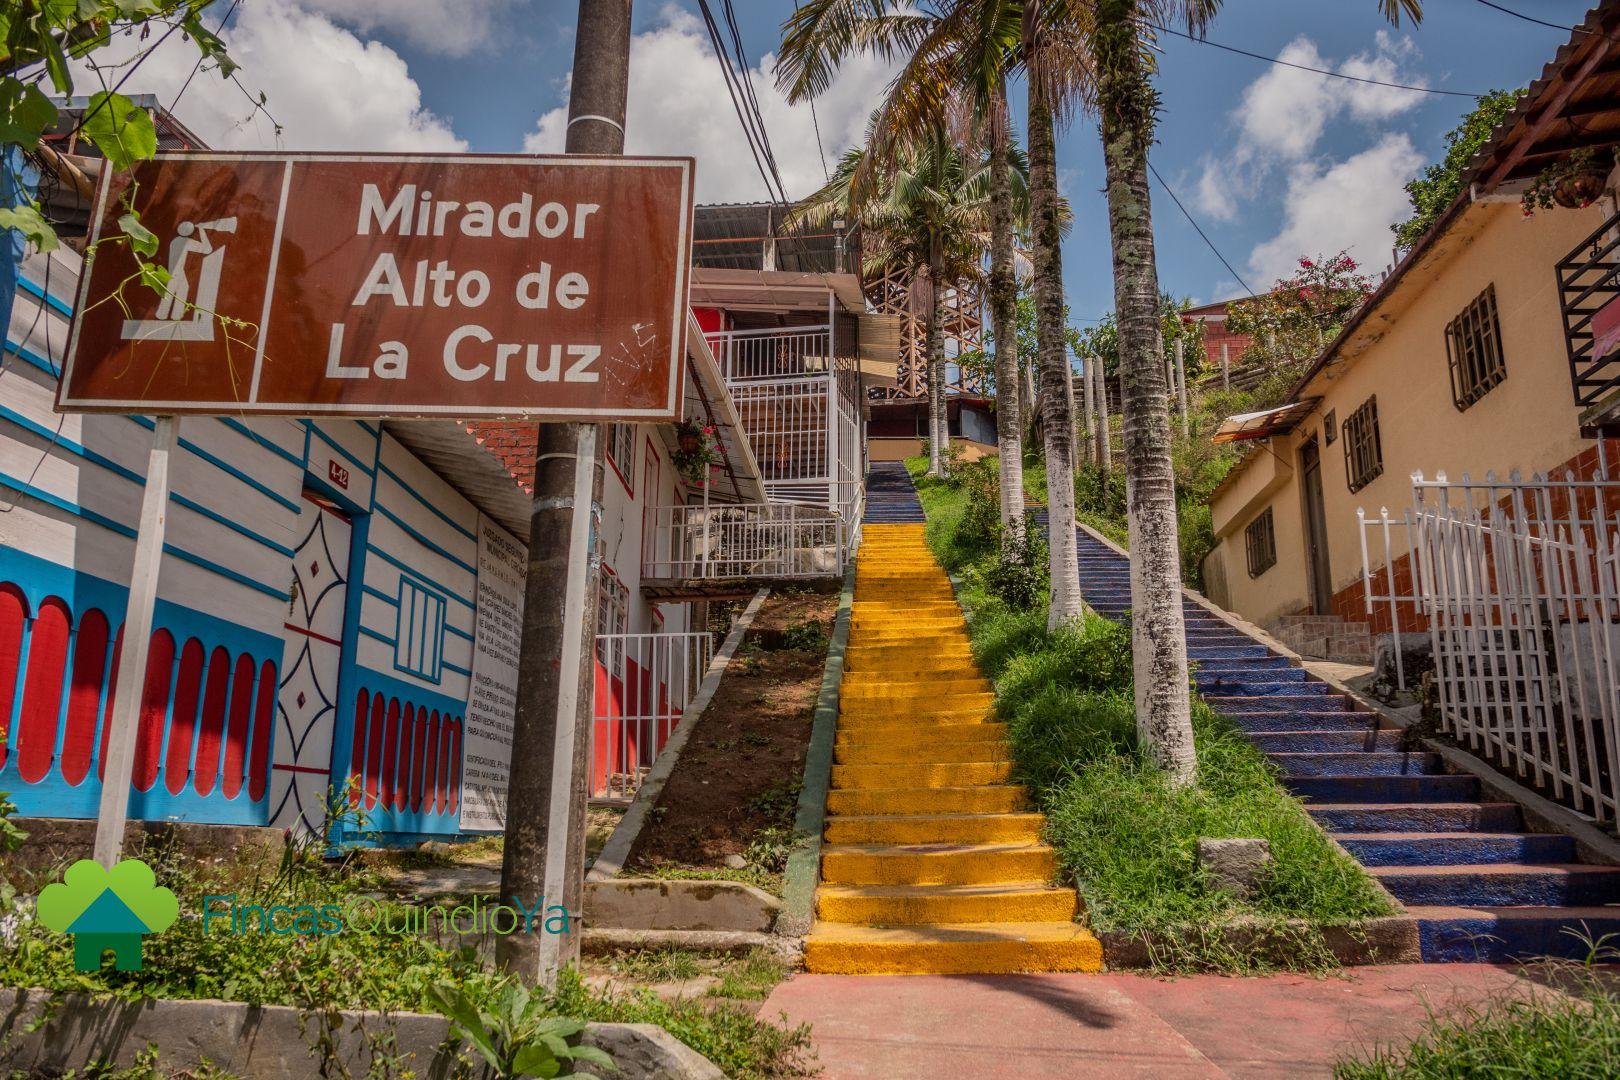 Escaleras de colores llevando a un mirador